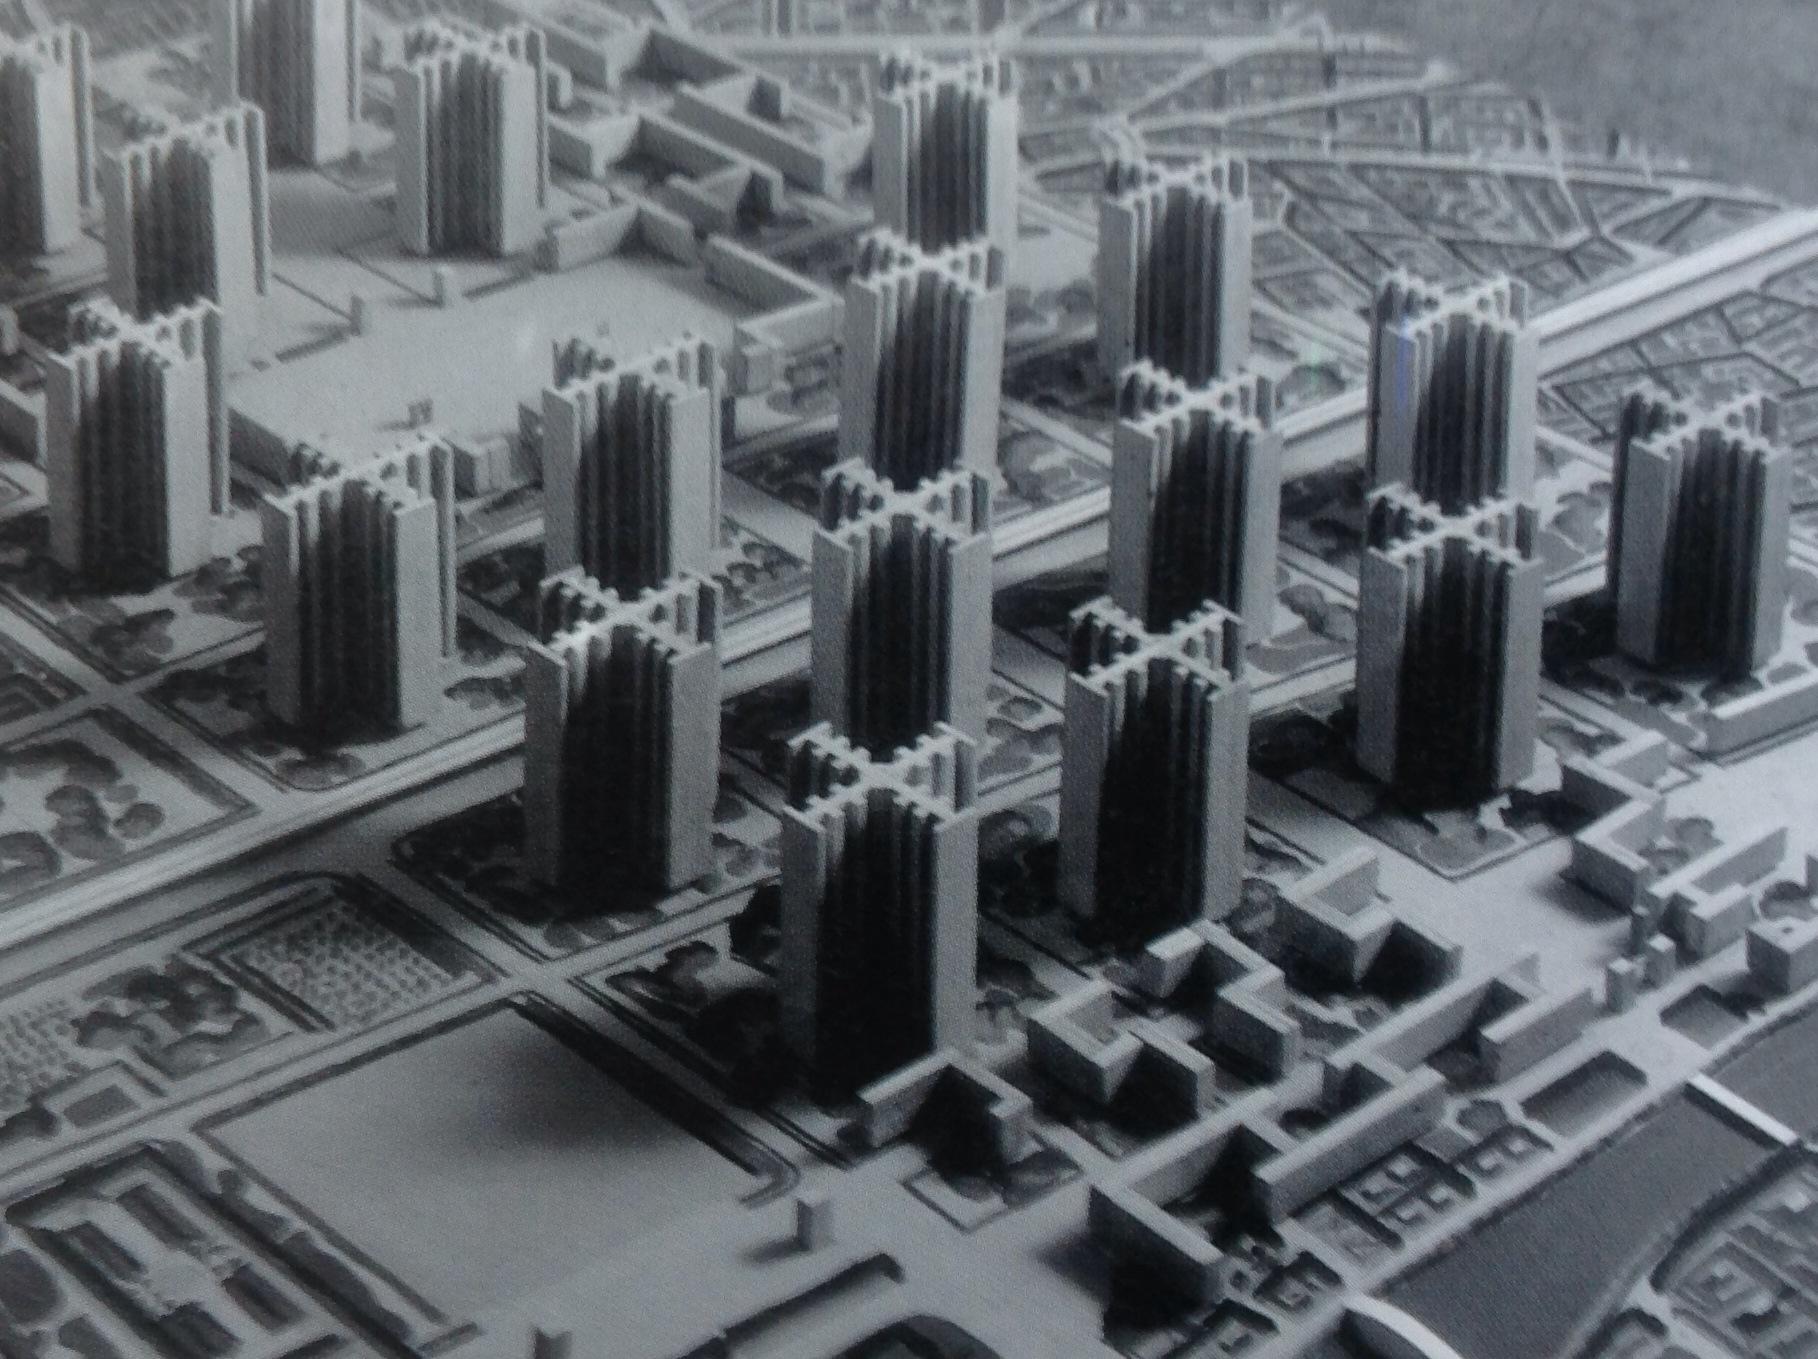 Modelo del Plan Voisin para París, de Le Corbusier. Fue presentado en 1925, en el Nouveau Esprit Pavilion.